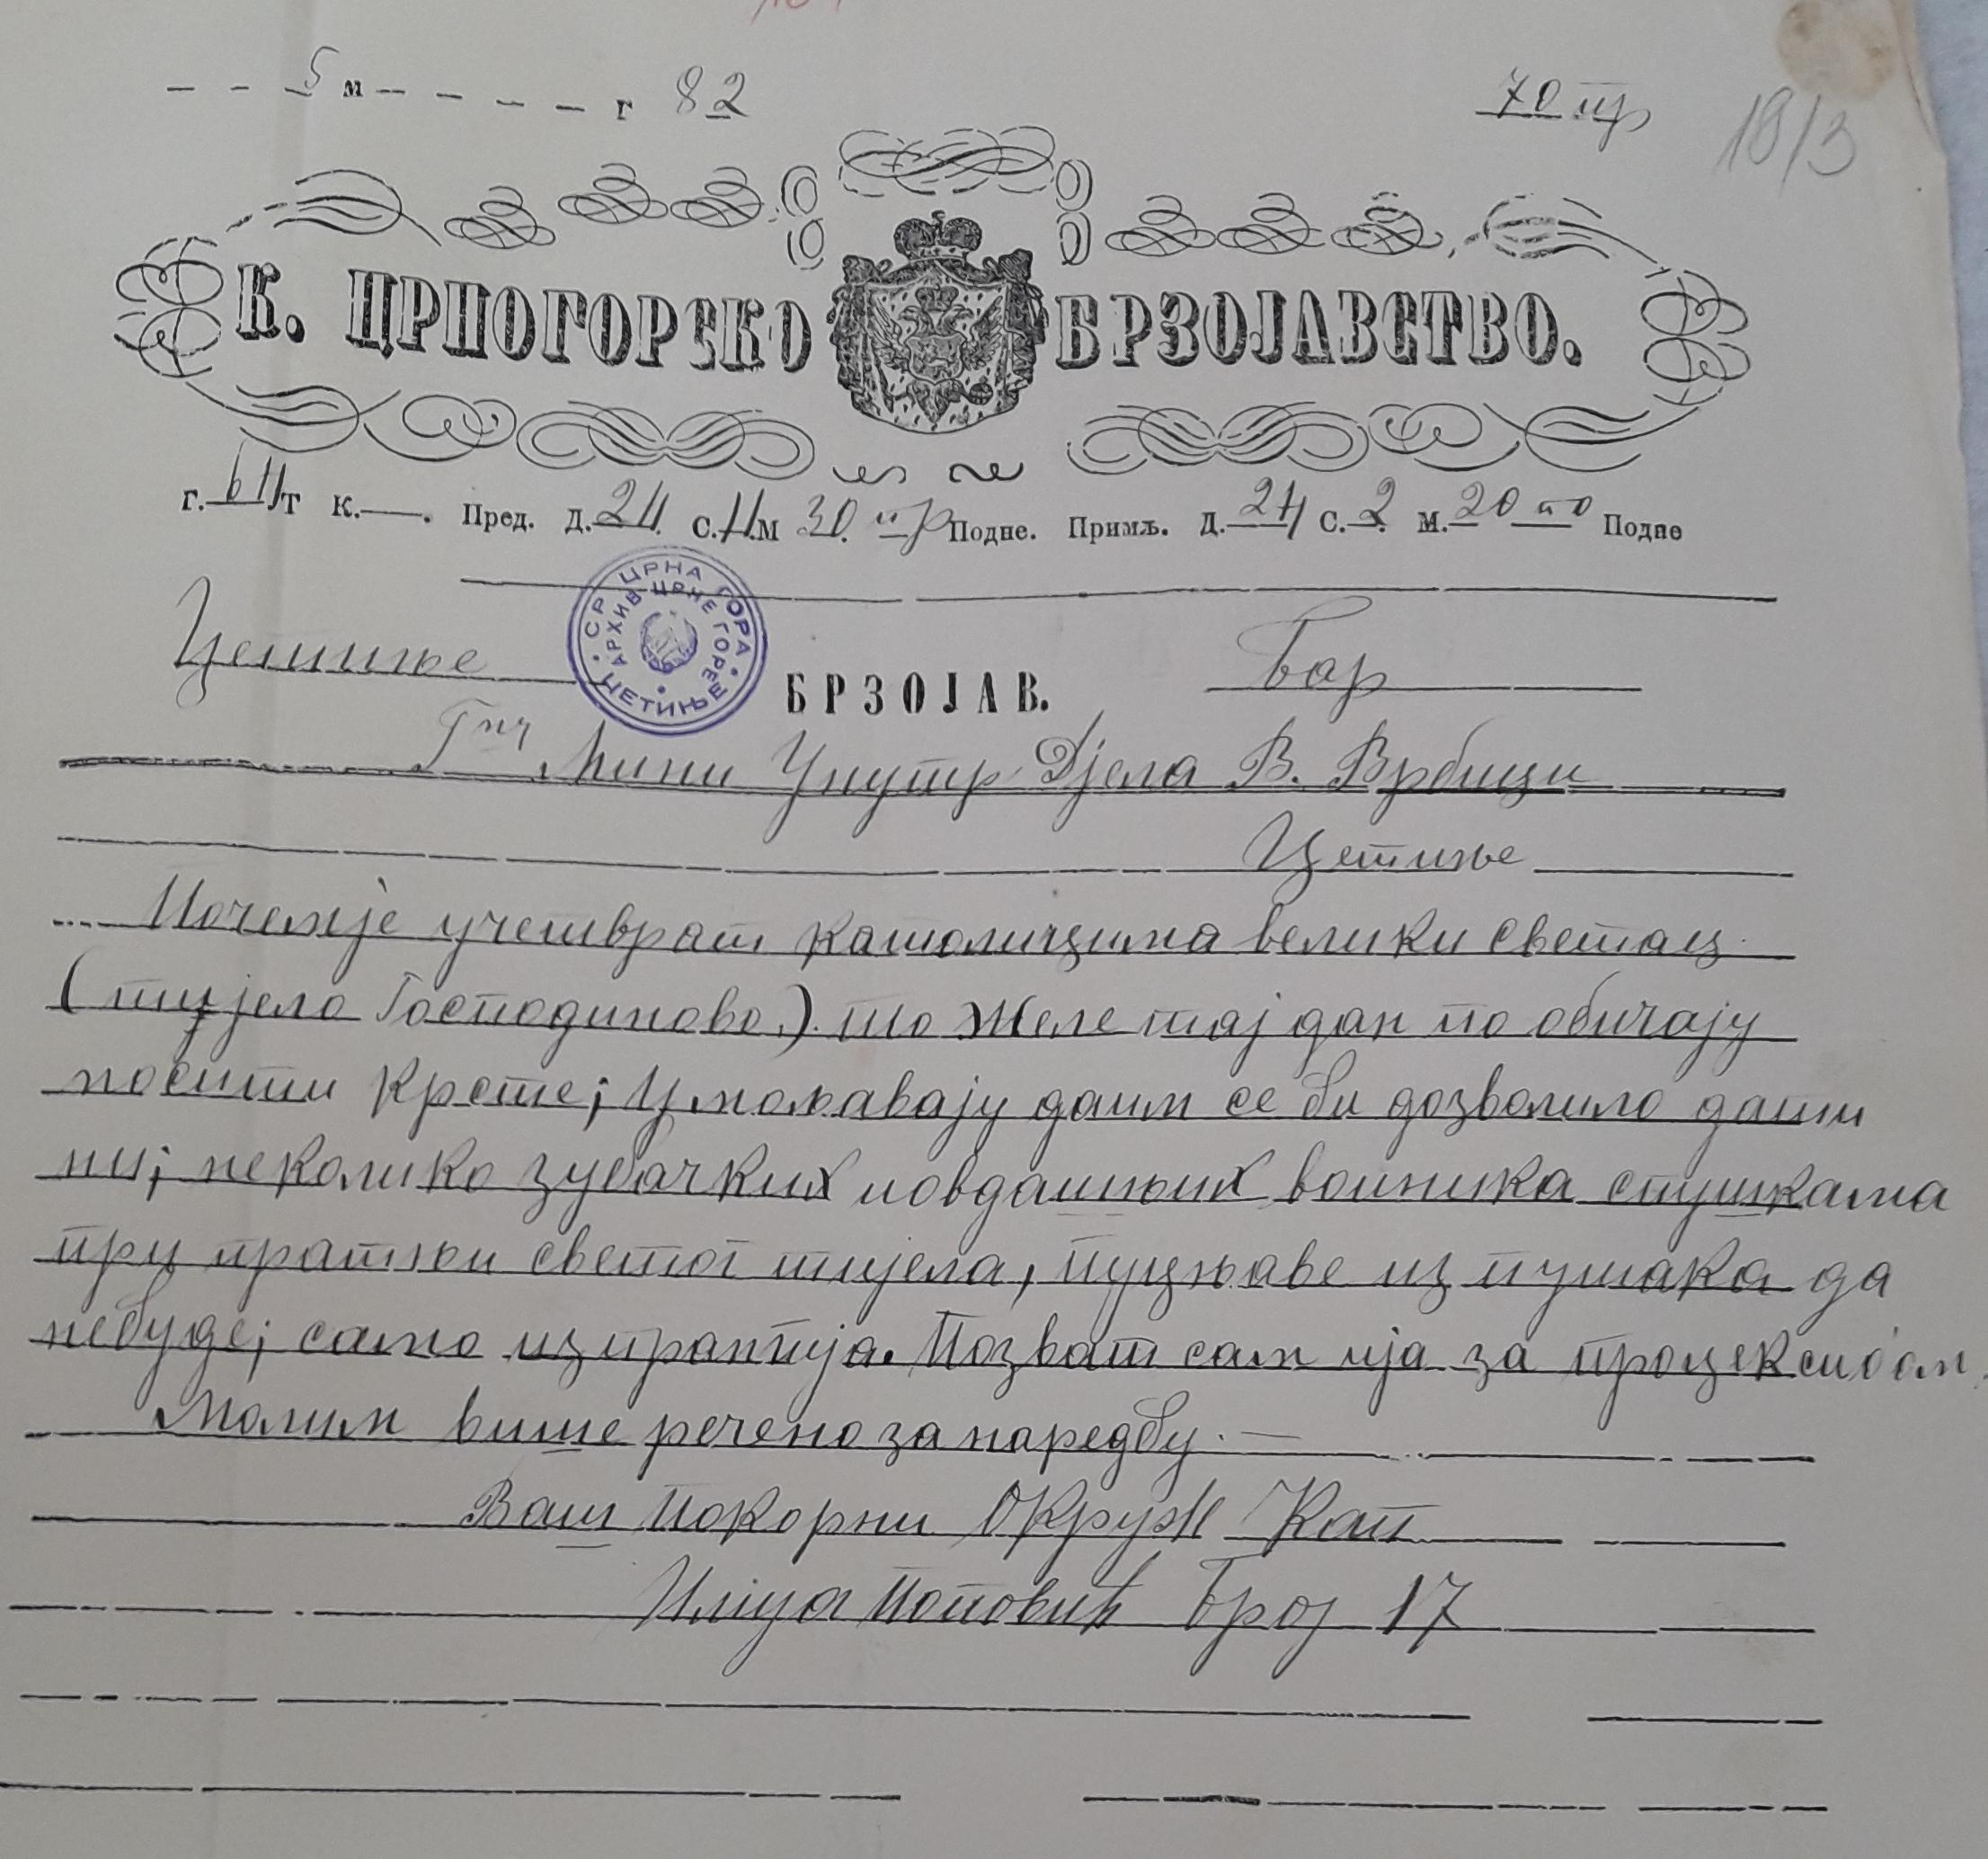 Molba rimokatolika Bara da vjerski praznik bude obilježen plotunom iz pušaka, MUD, maj 1882.